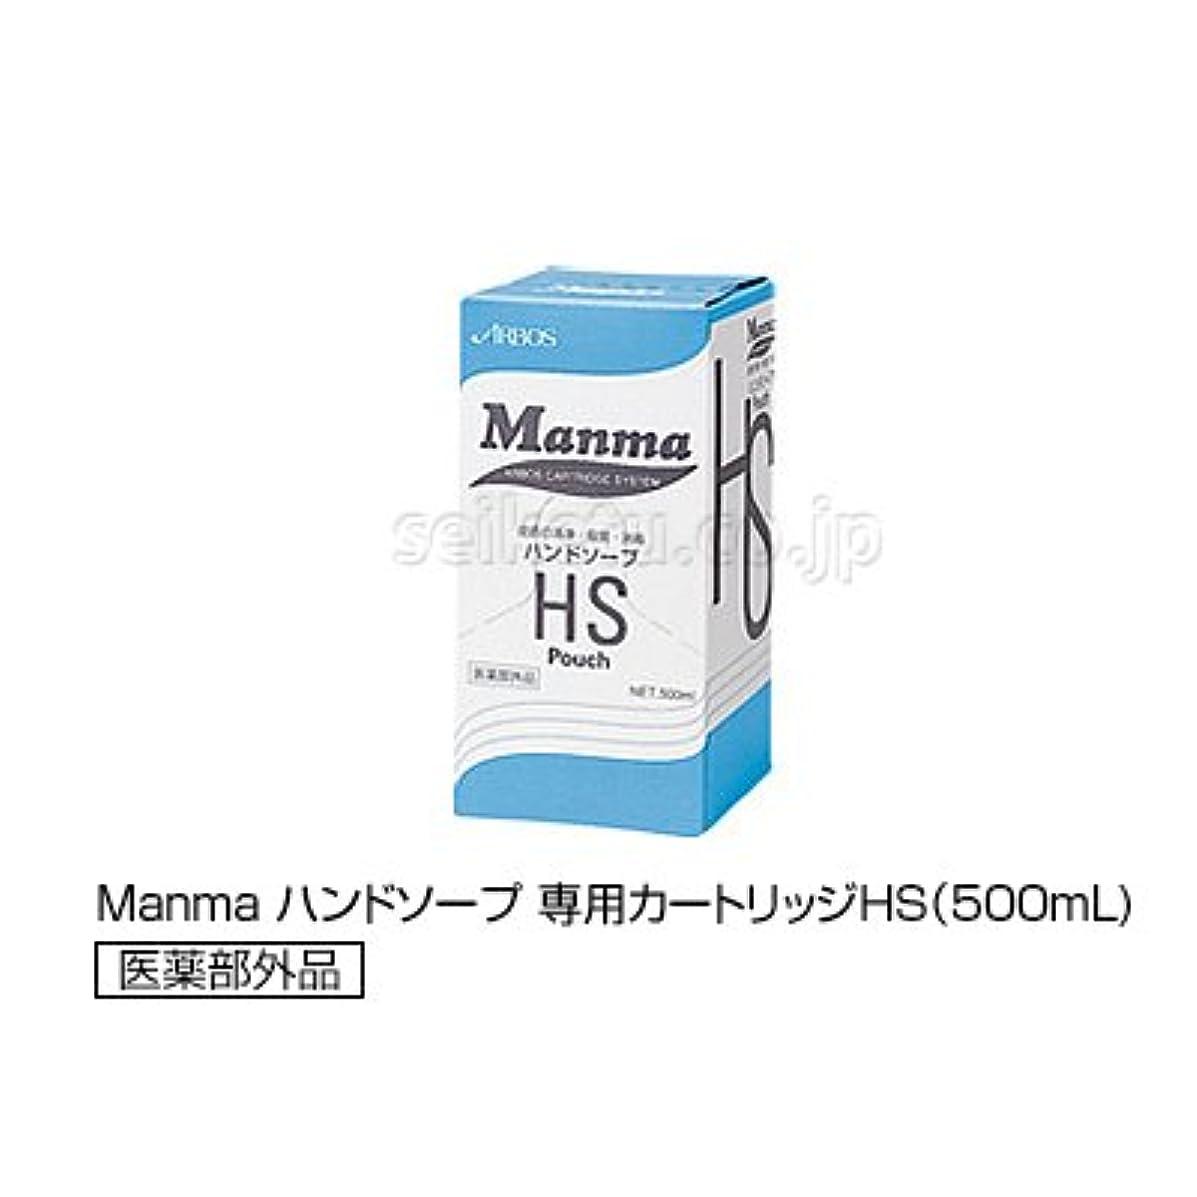 九月必要とするマークManma ハンドソープ 専用カートリッジ/専用カートリッジHS(500mL)【清潔キレイ館】